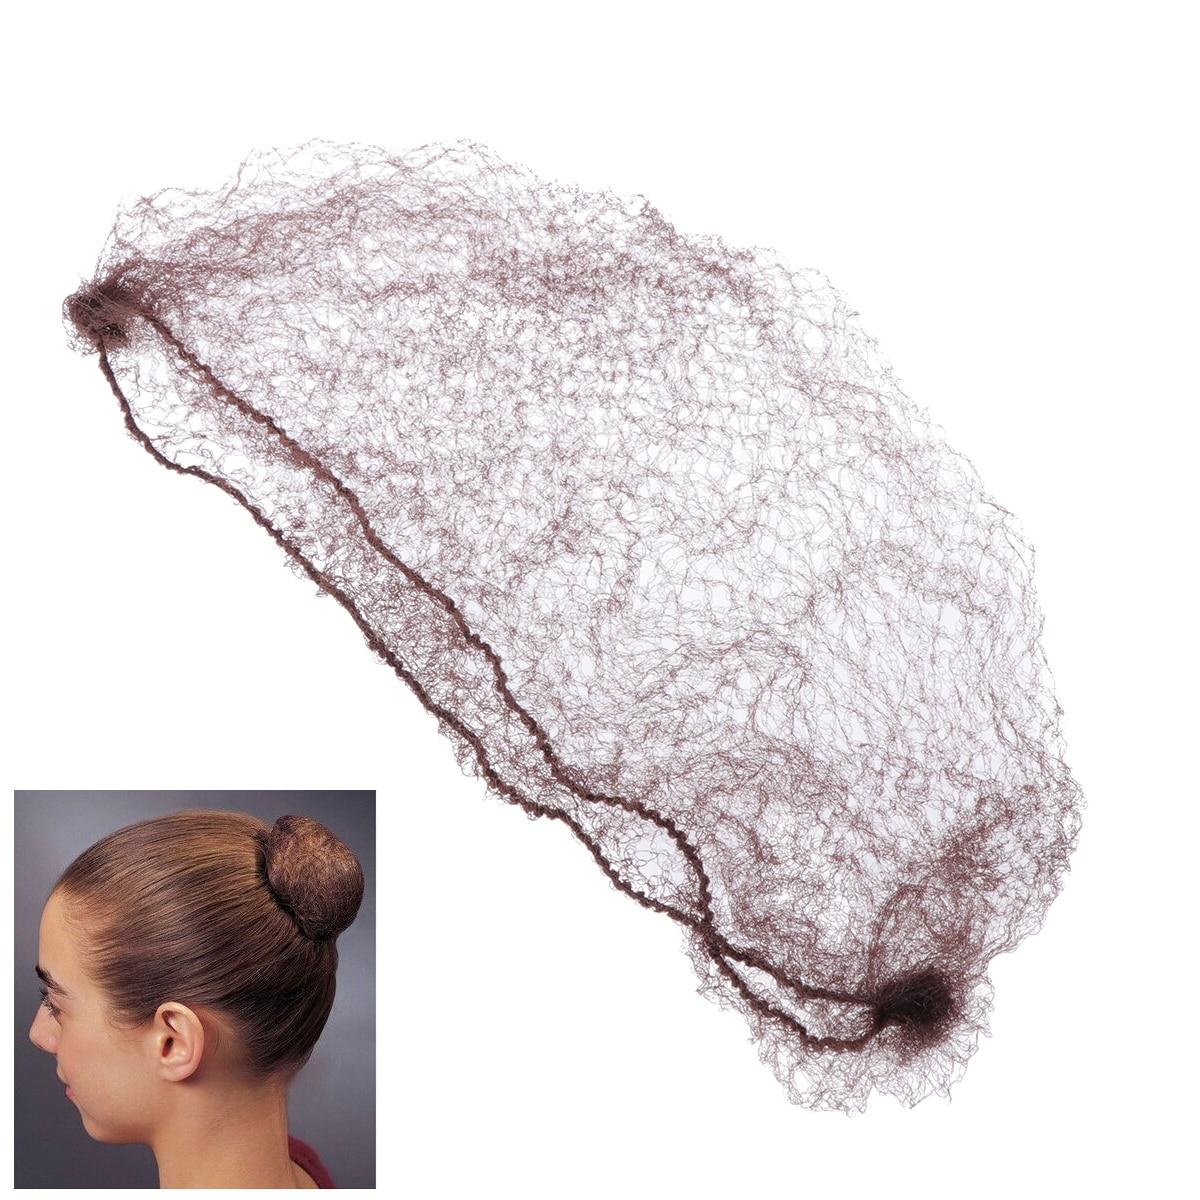 [해외]50 개 머리는 그물이 눈에 보이지 않는 탄력 있는 가장자리쉬 헤어 발레빵 머리는 그물 메쉬 스케이트 춤 Snoods 머리 Net 빵 커버/50pcs Hair Nets Invisible Elastic Edge Mesh Hairnet Ballet Bun Hair